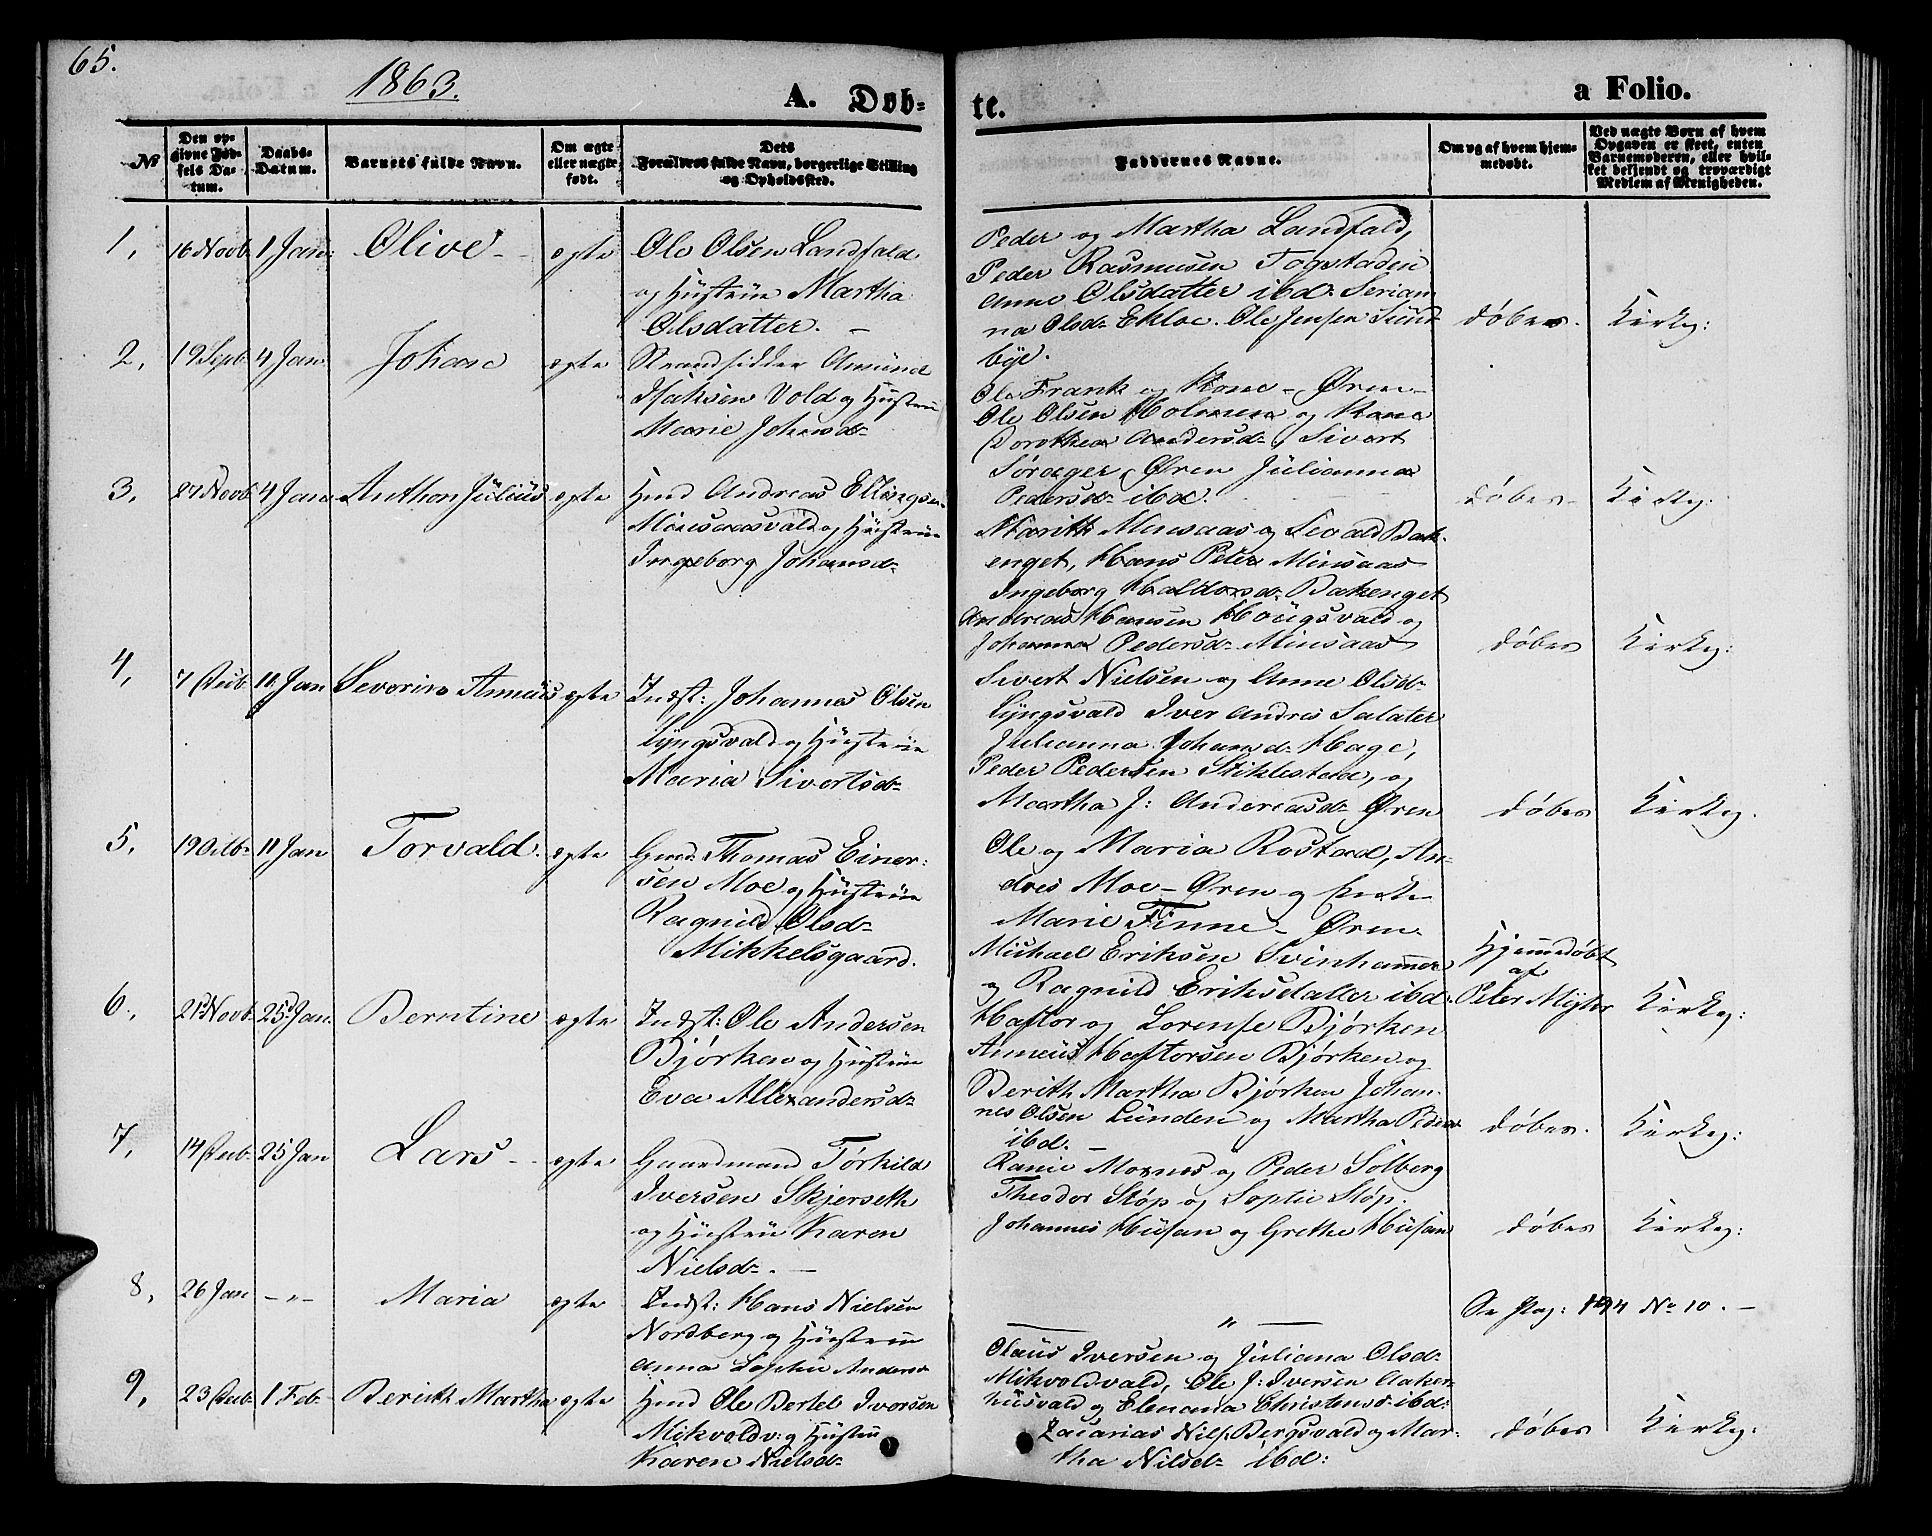 SAT, Ministerialprotokoller, klokkerbøker og fødselsregistre - Nord-Trøndelag, 723/L0254: Klokkerbok nr. 723C02, 1858-1868, s. 65